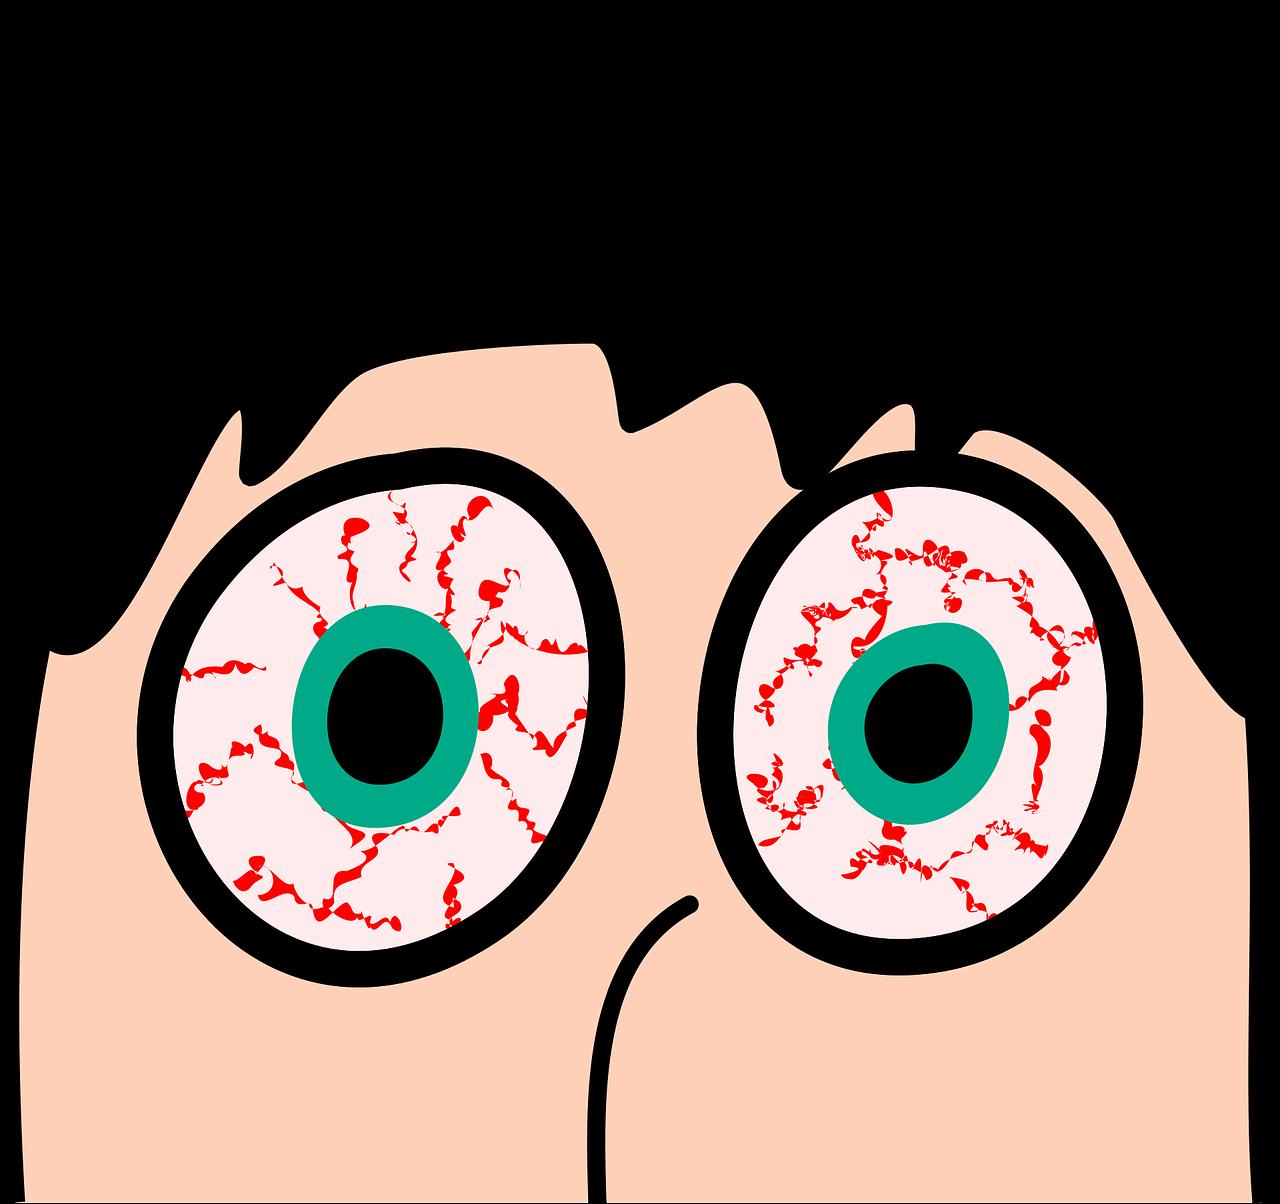 красный глаз смешная картинка девочки своих сюжетно-ролевых